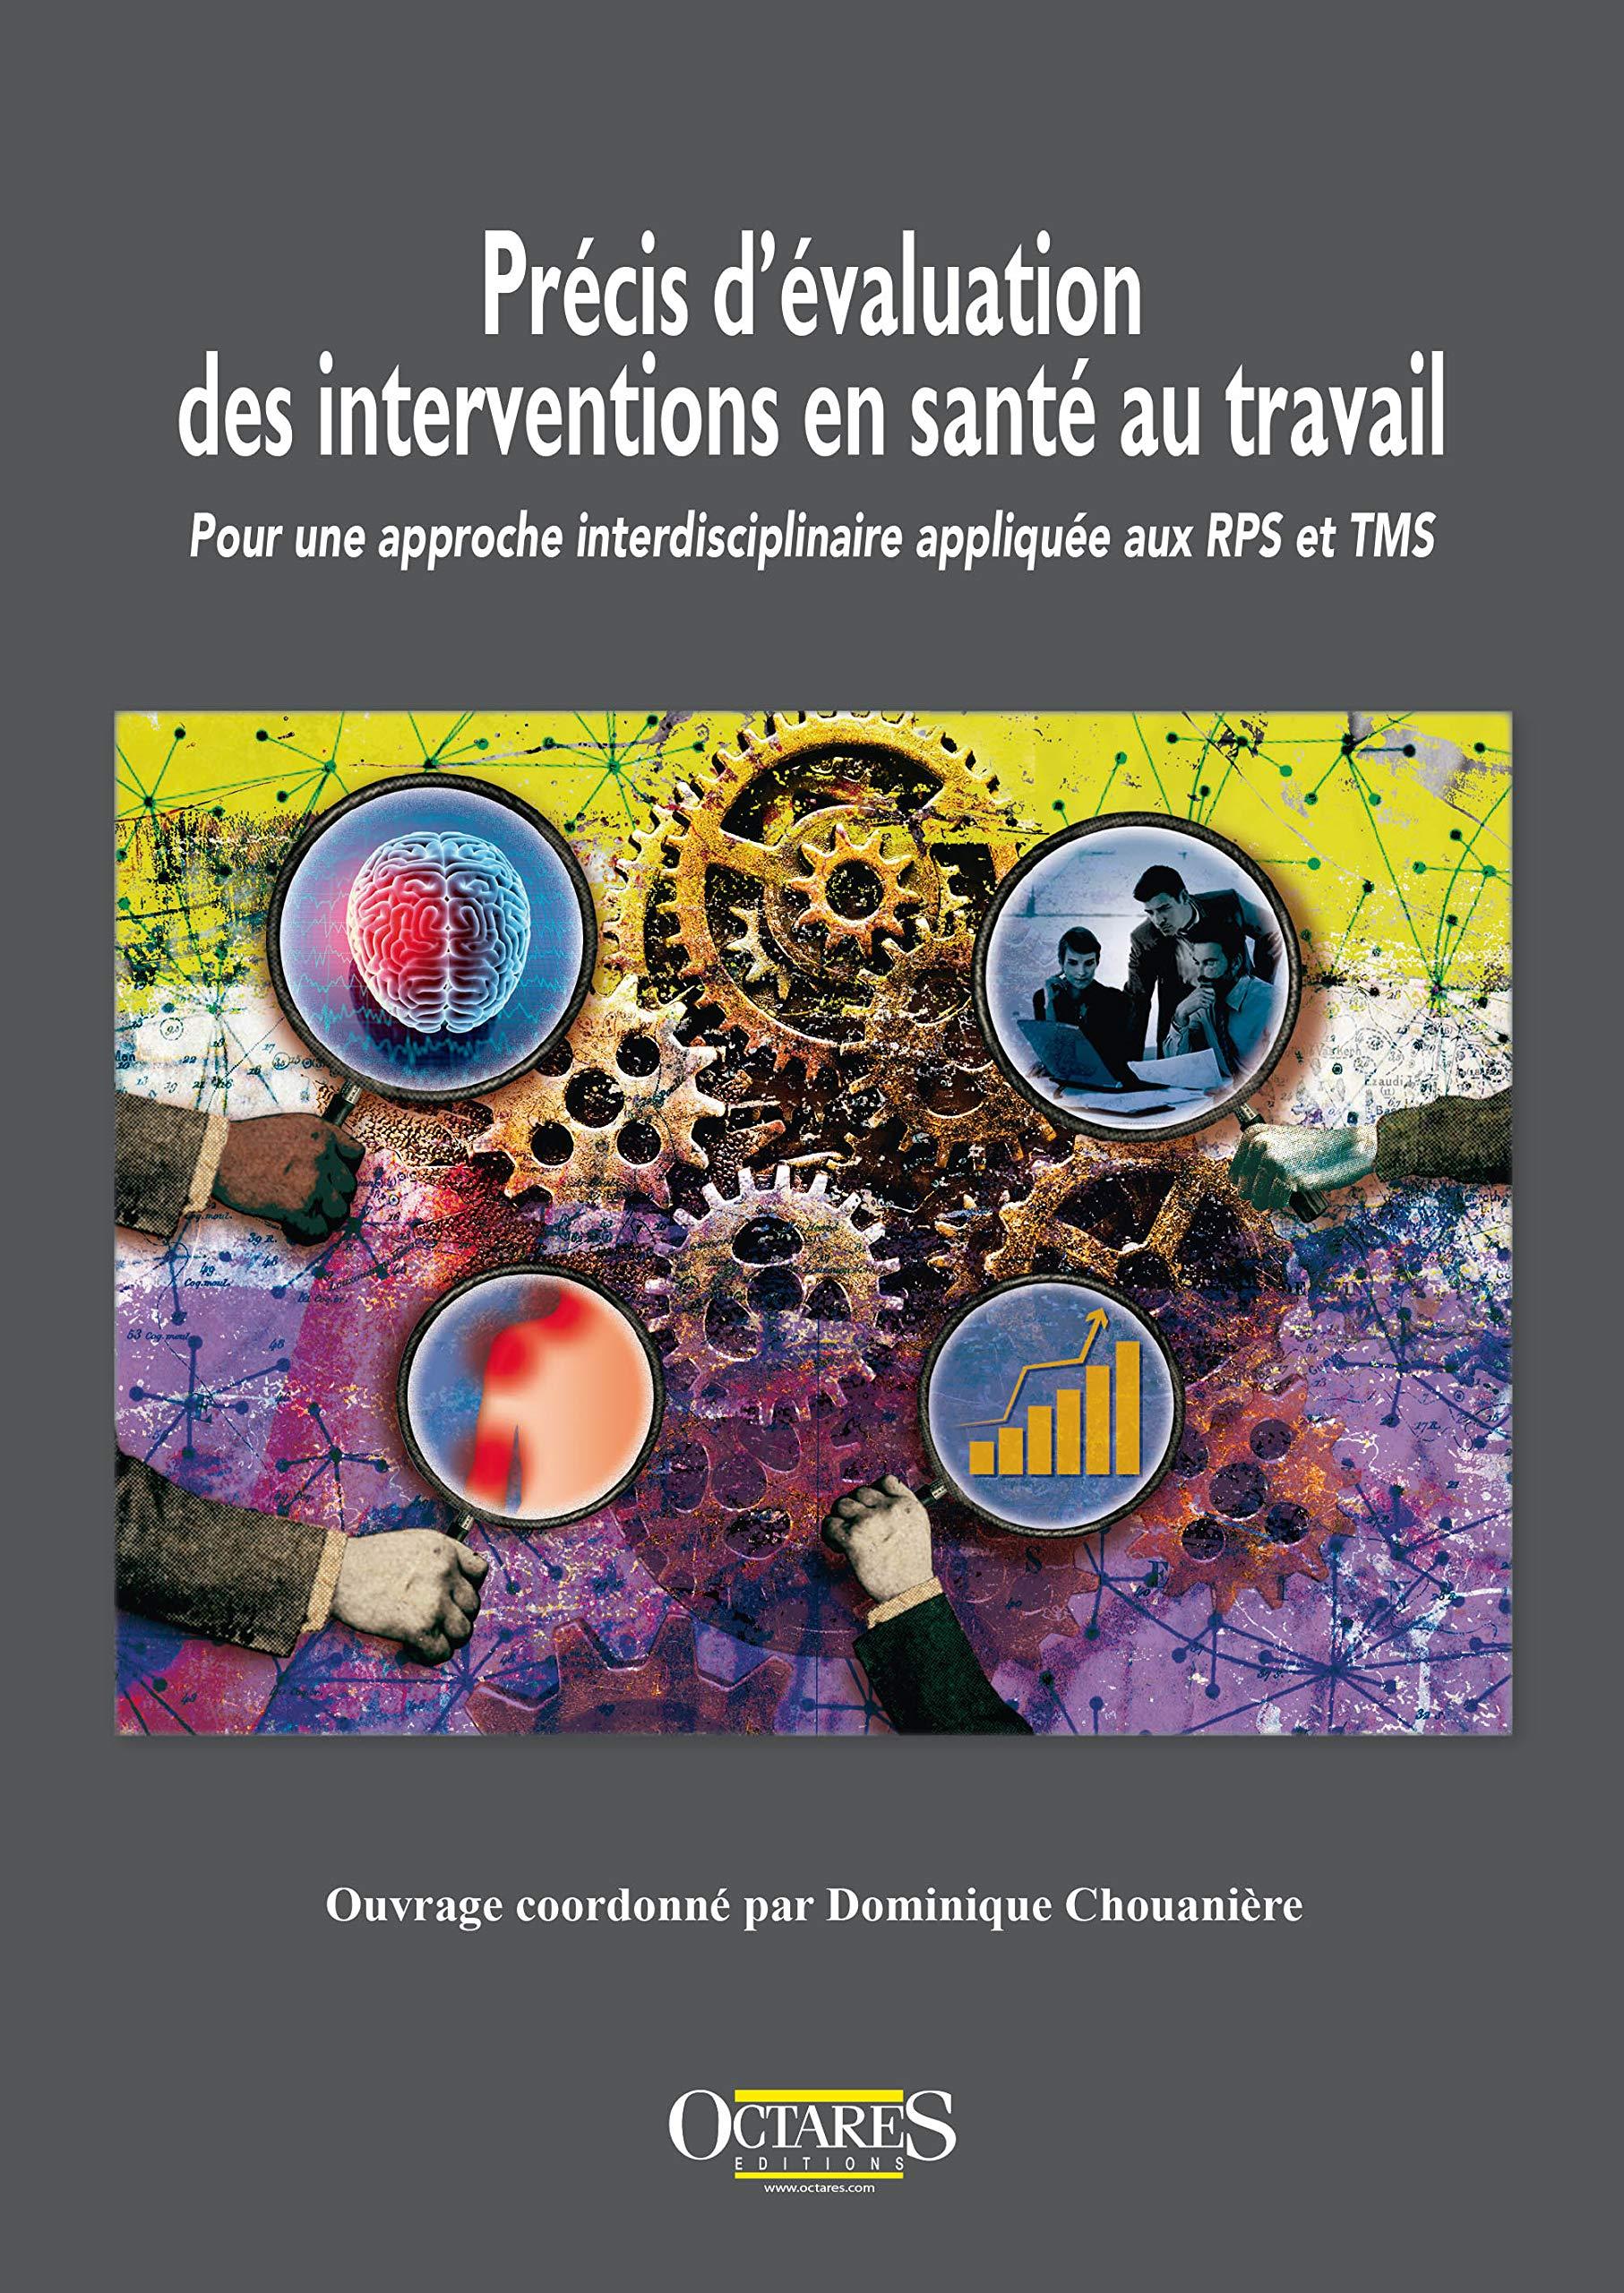 Vignette document Précis d'évaluation des interventions en santé au travail - Pour une approche interdisciplinaire appliquée aux RPS et TMS